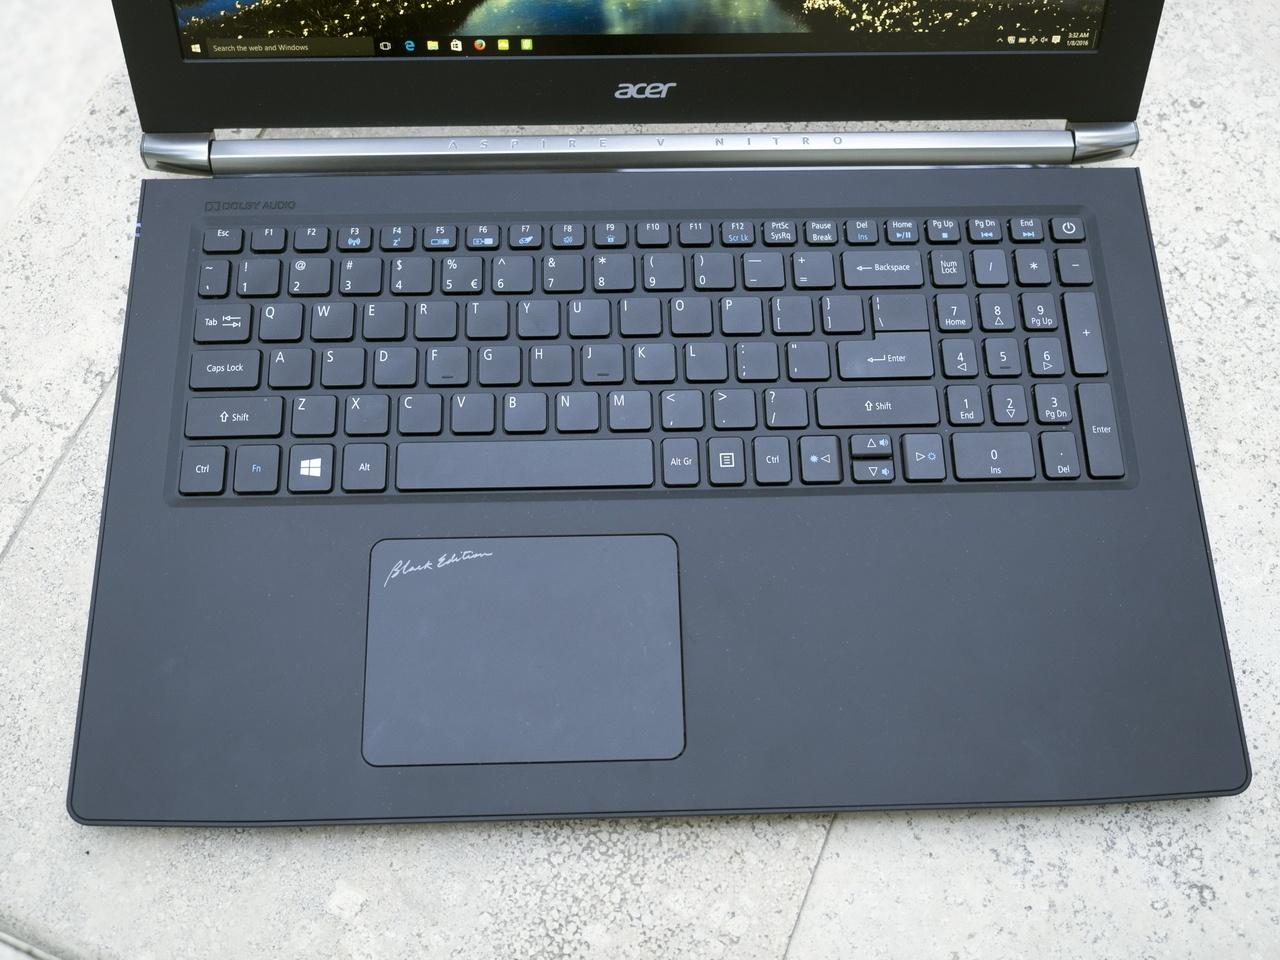 Acer на CES 2016: мониторы, планшеты, игровые ноутбуки и ультрамобильный трансформер - 21